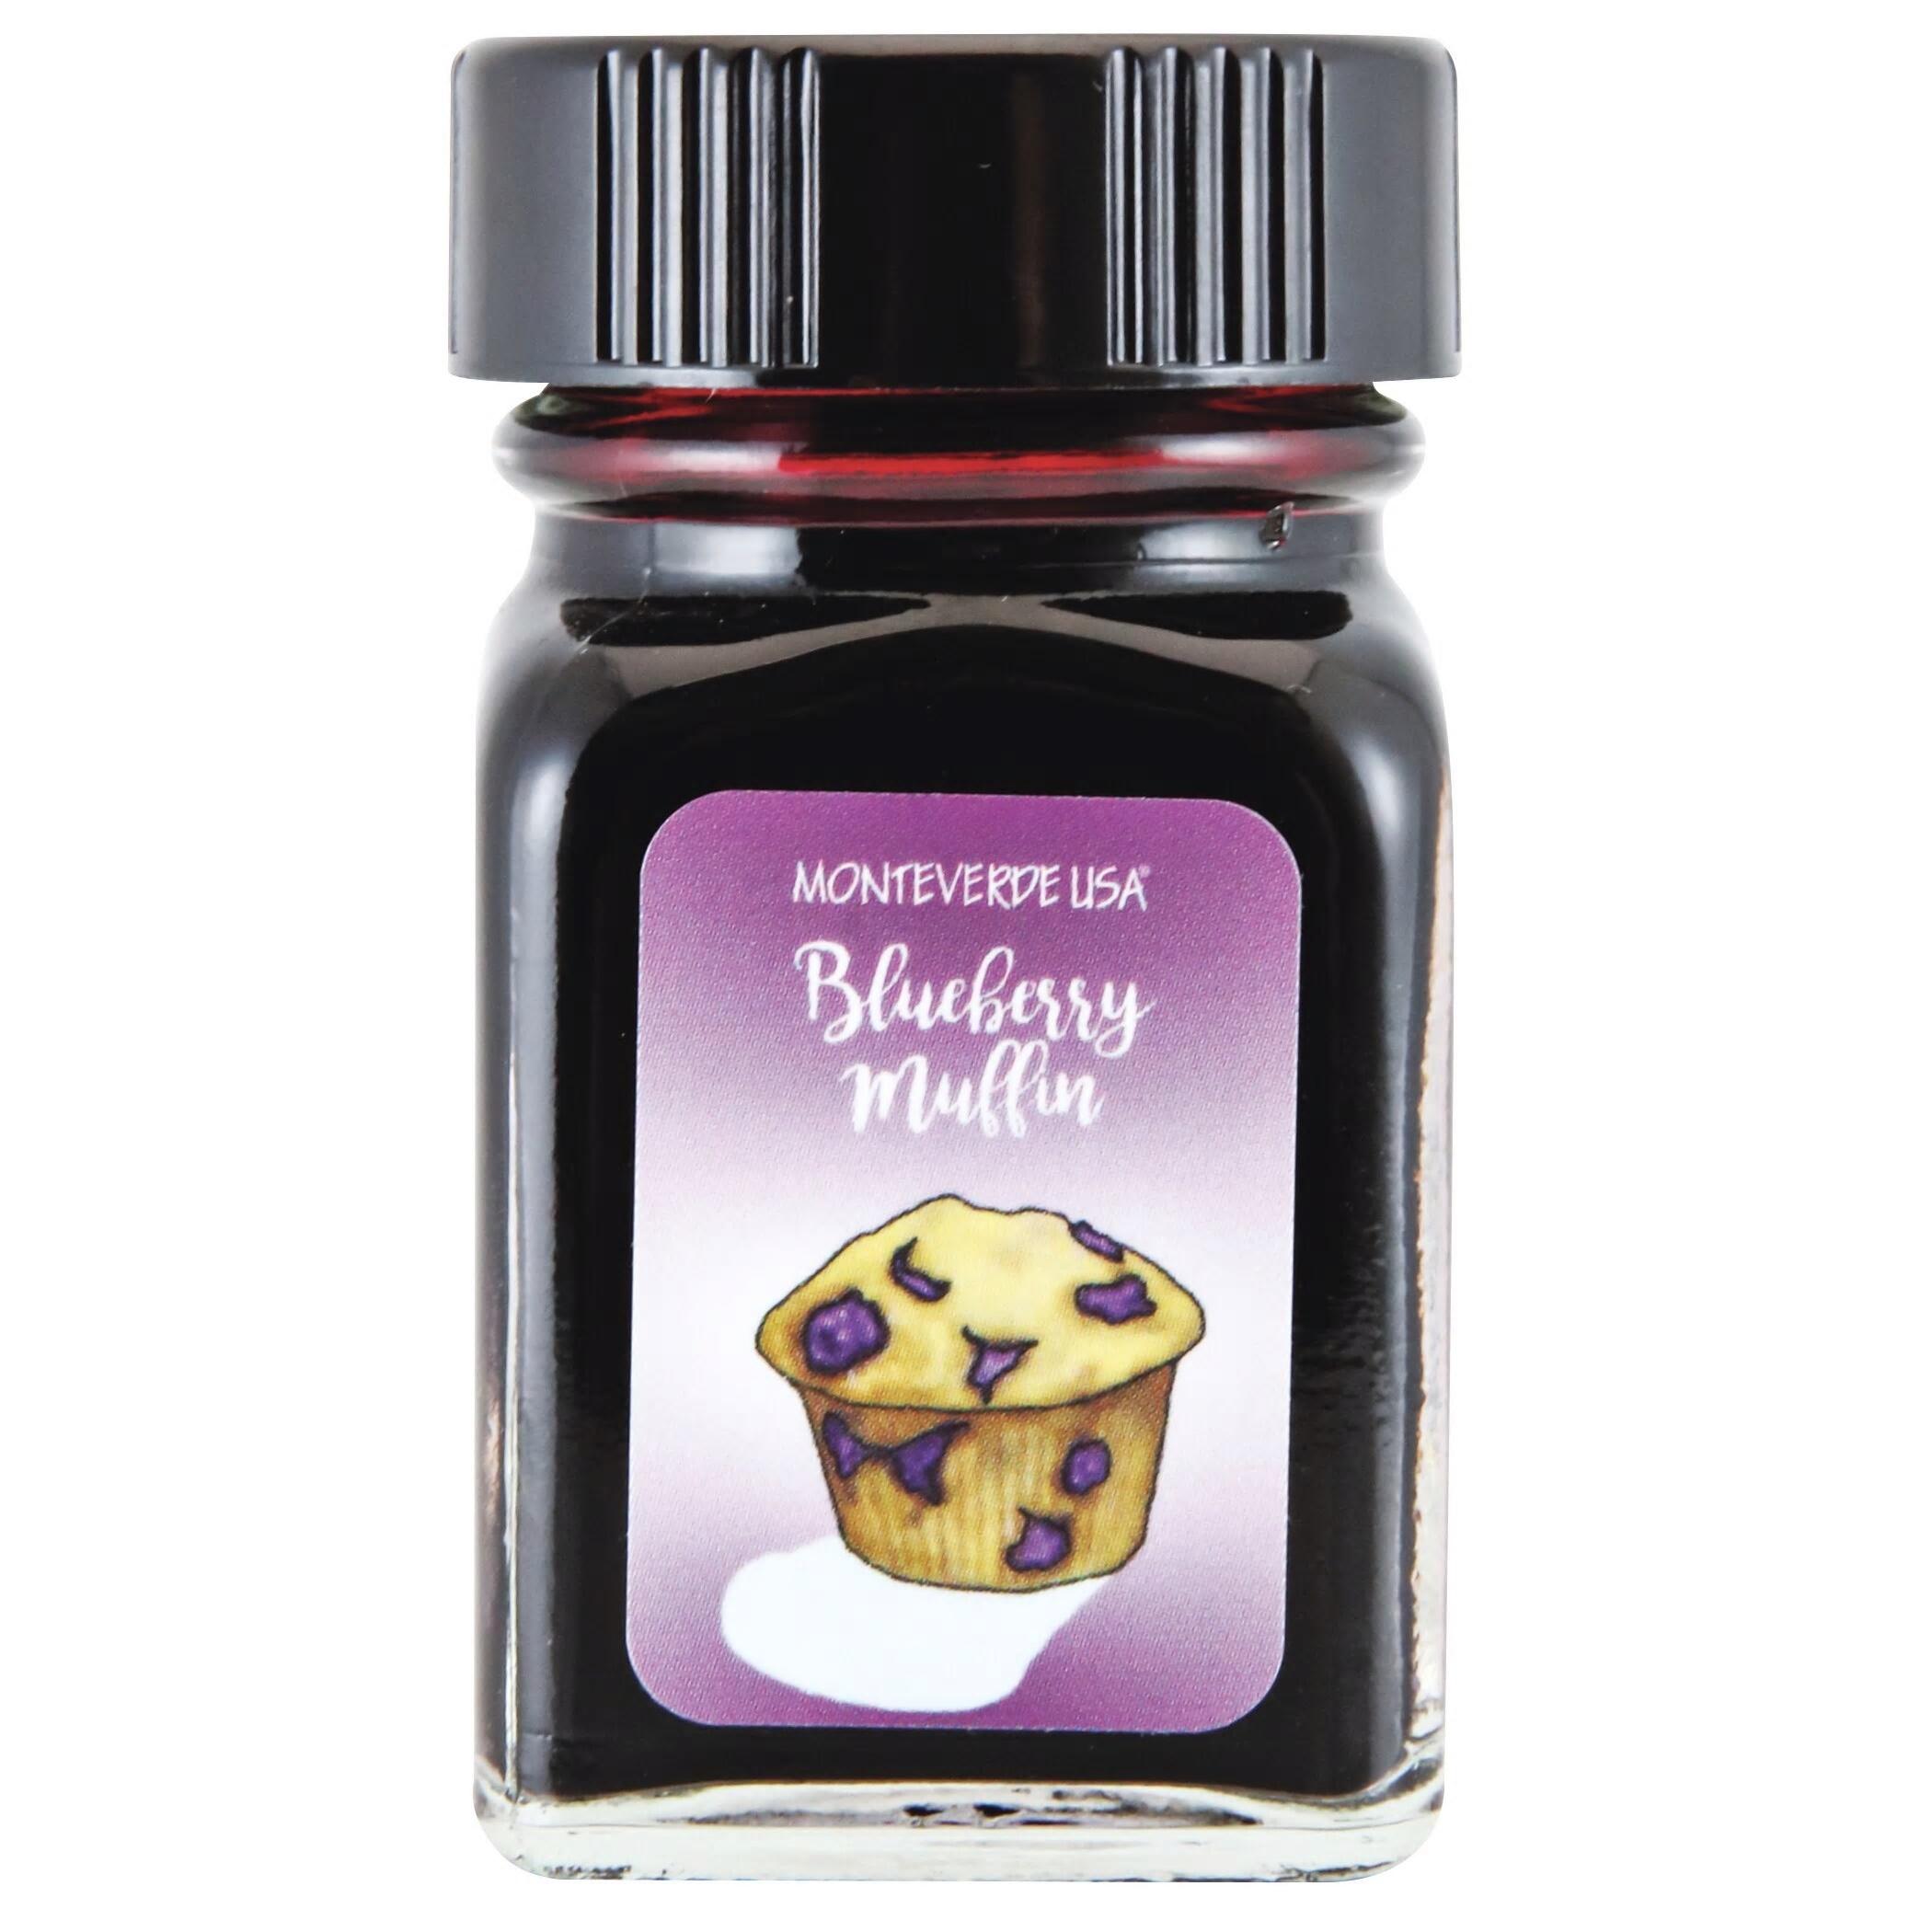 Monteverde Sweet LIfe - Blueberry Muffin 30ml